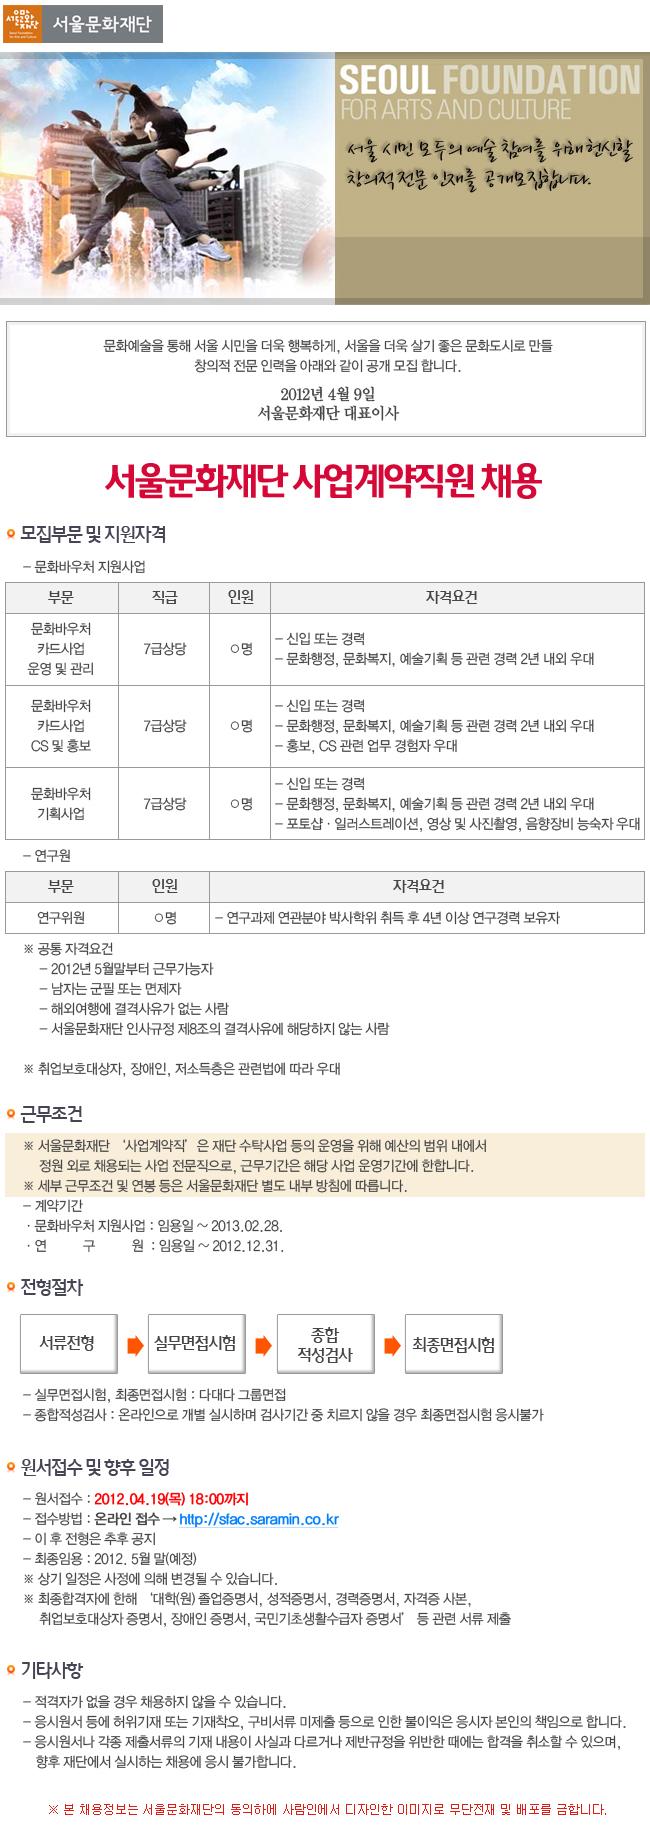 서울문화재단 2012년 제1차 직원 공개채용